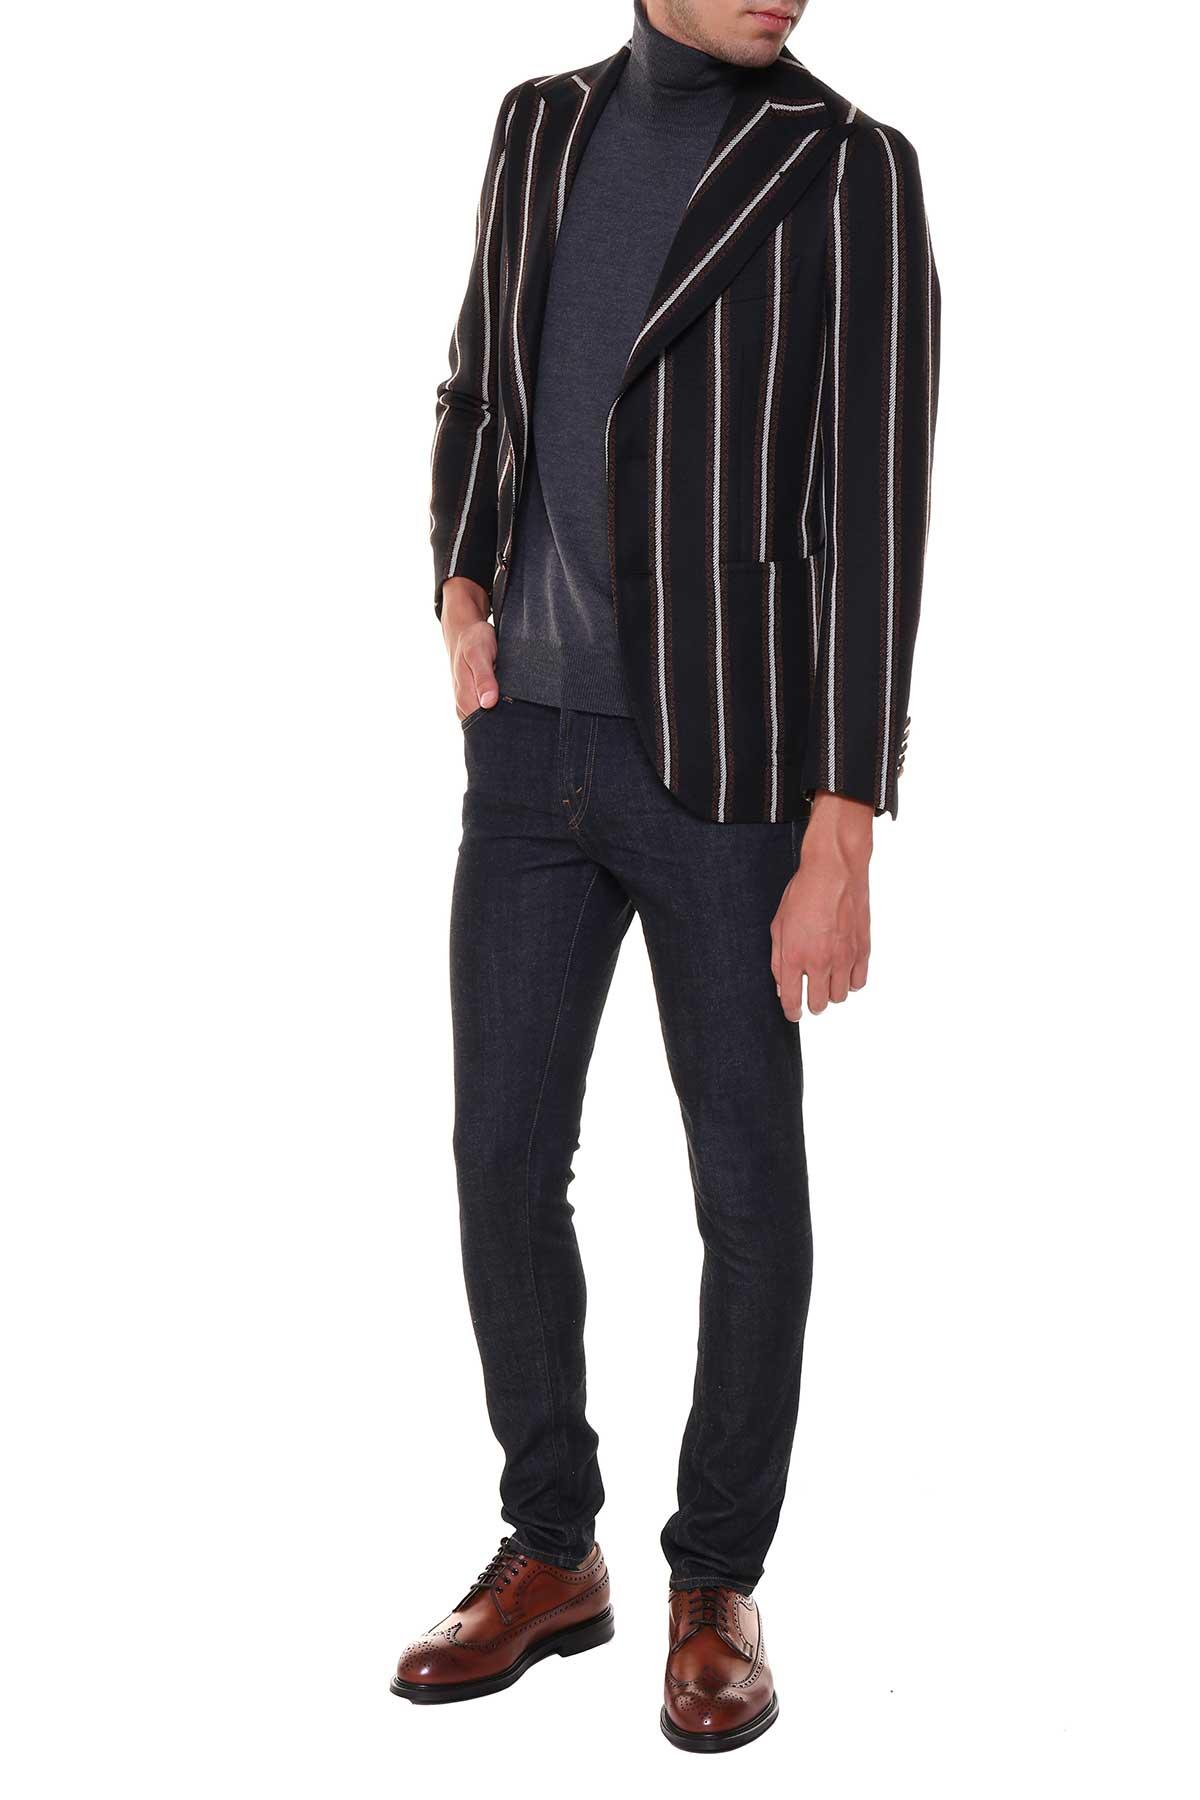 Tagliatore Tagliatore Striped Blazer